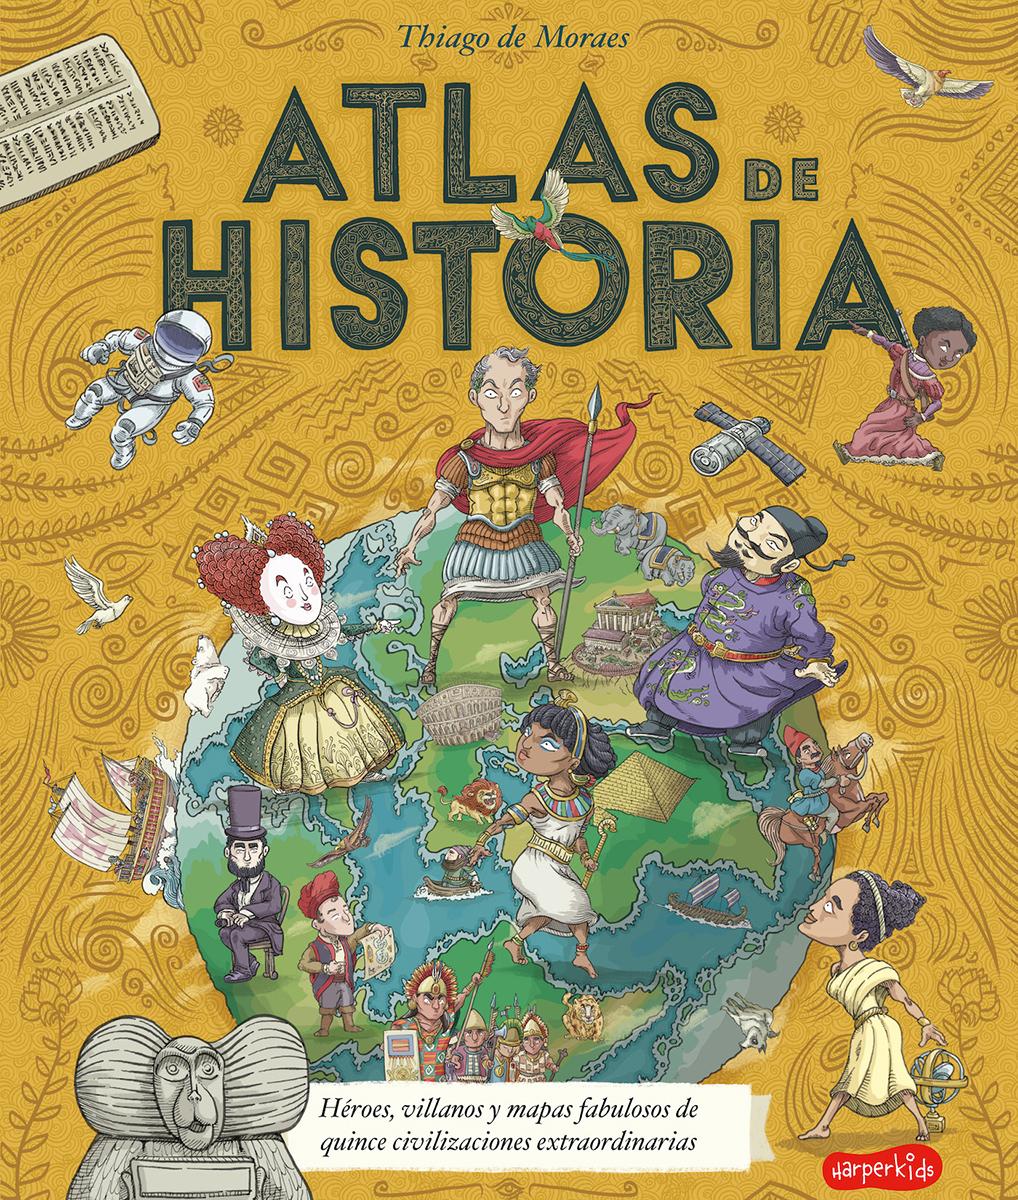 Atlas de historia - de Moraes Thiago